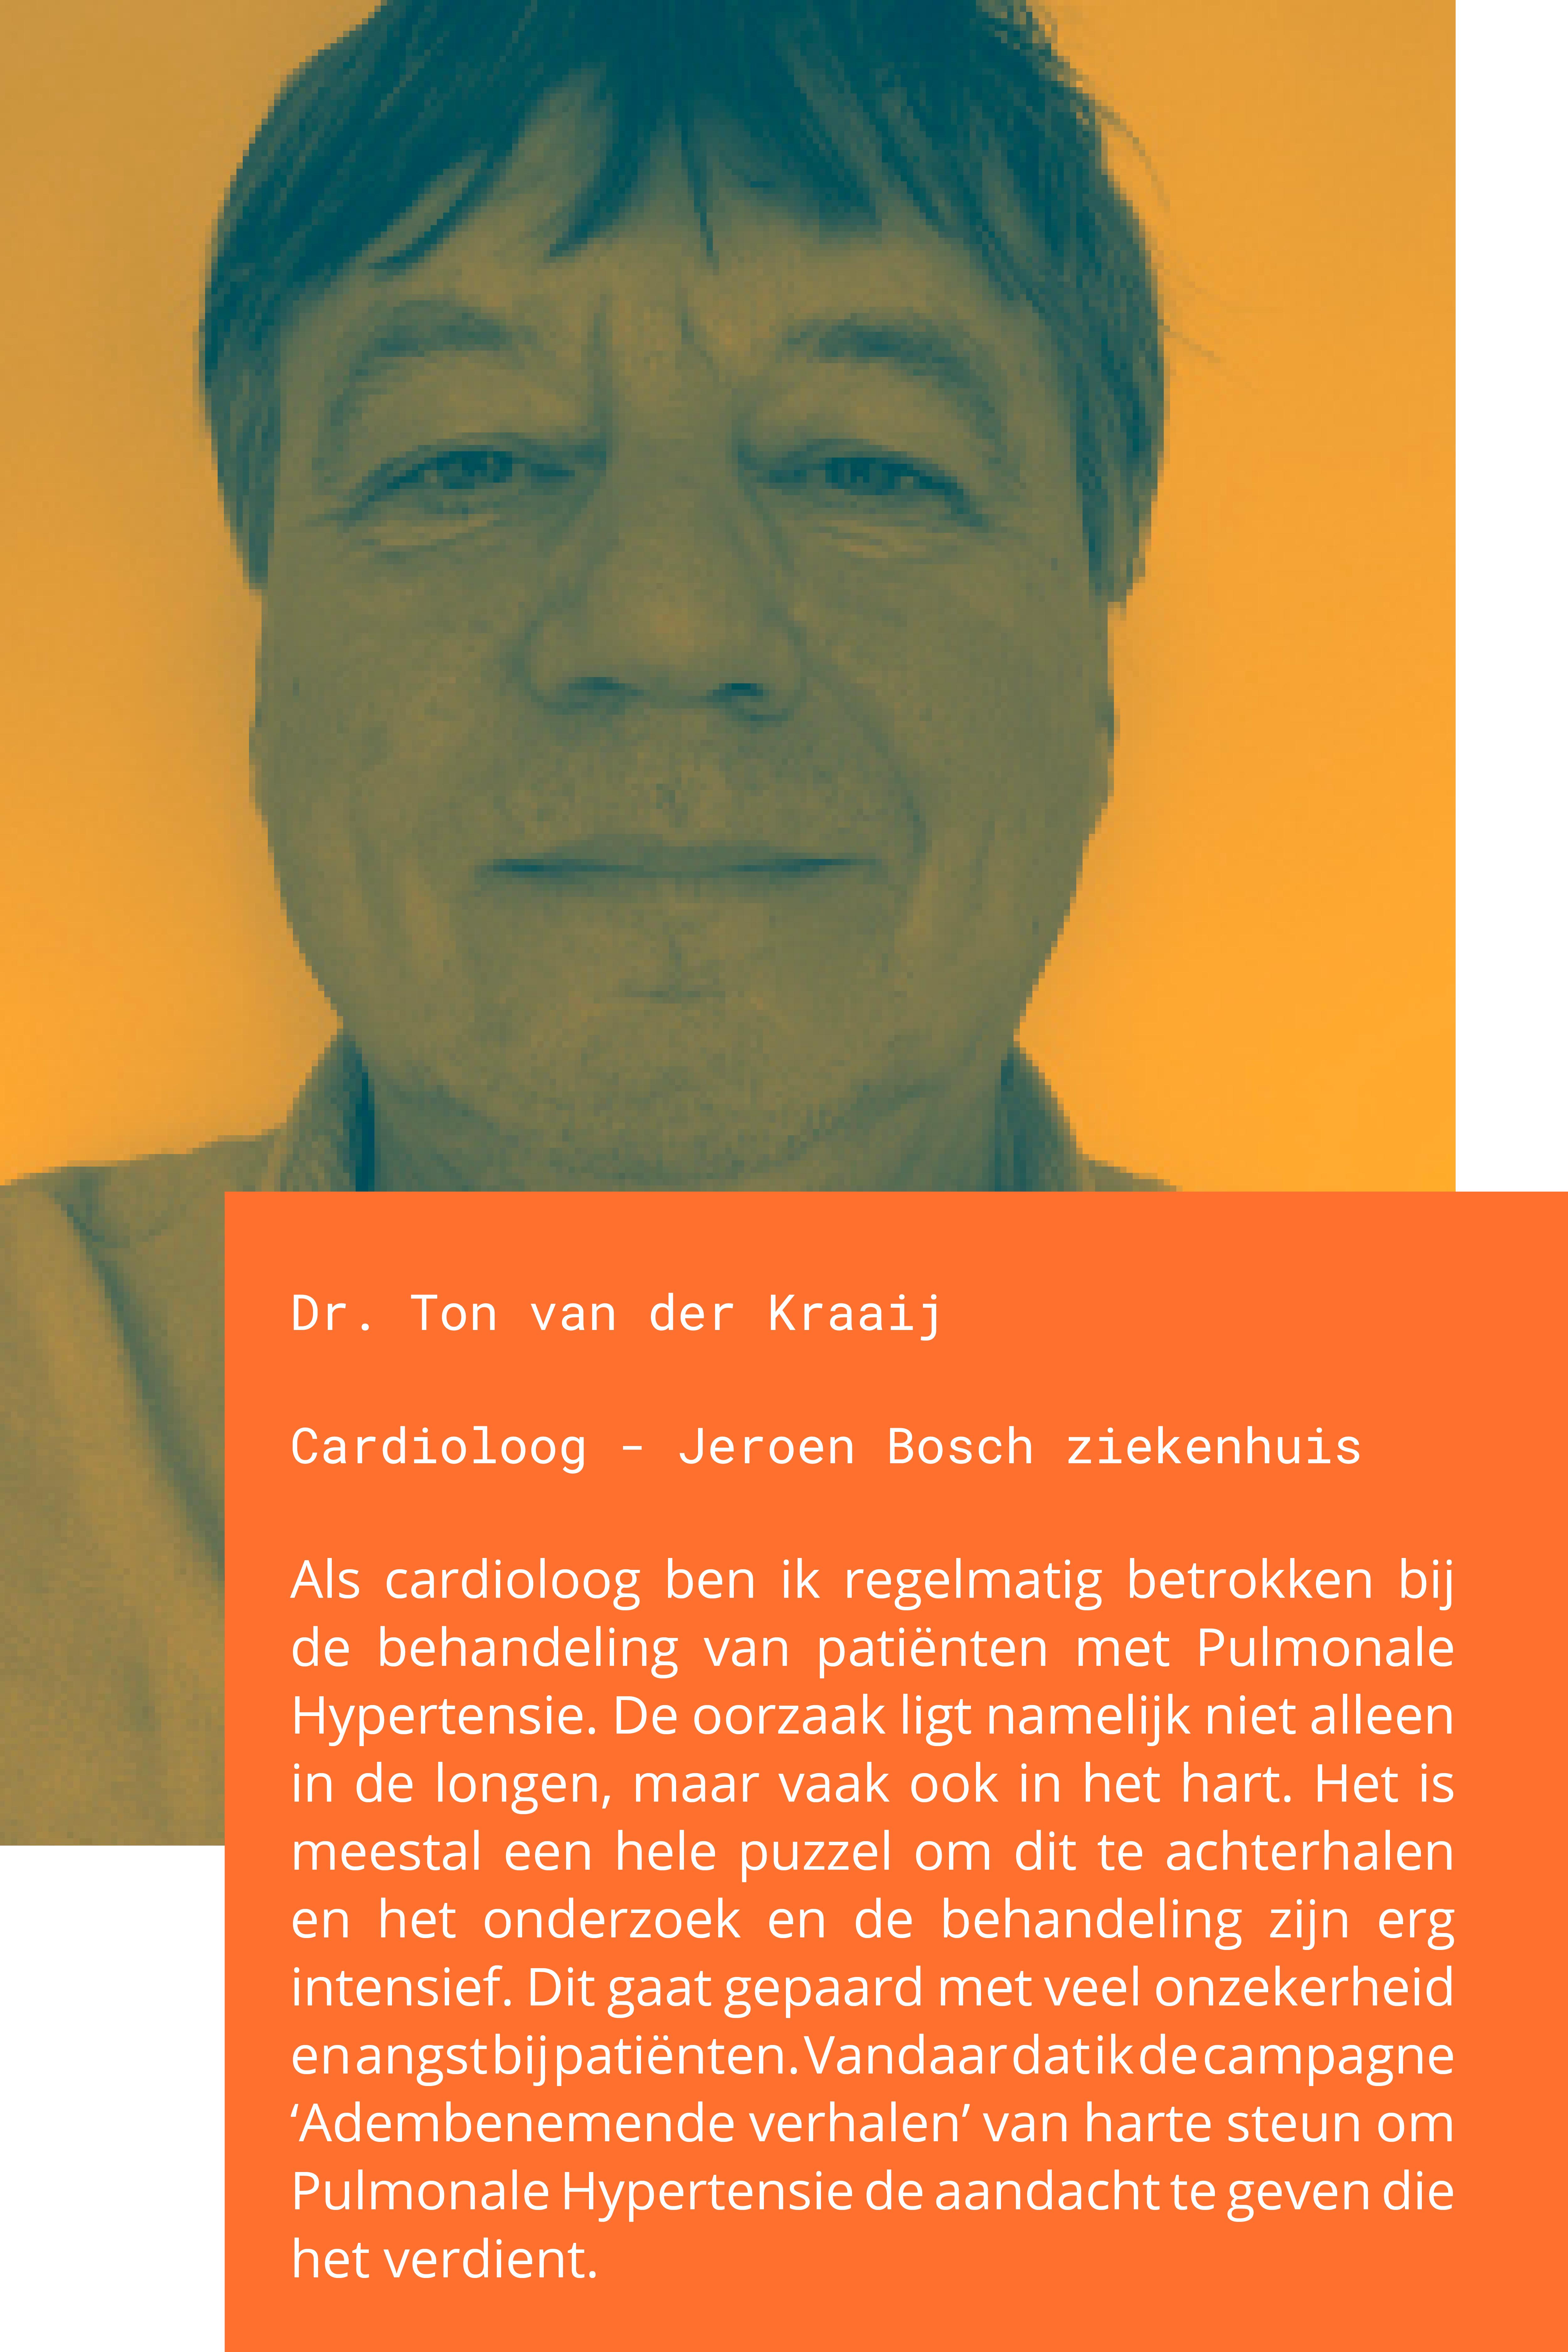 Adembenemend 2020 - Social - Ton van der Kraaij (1)